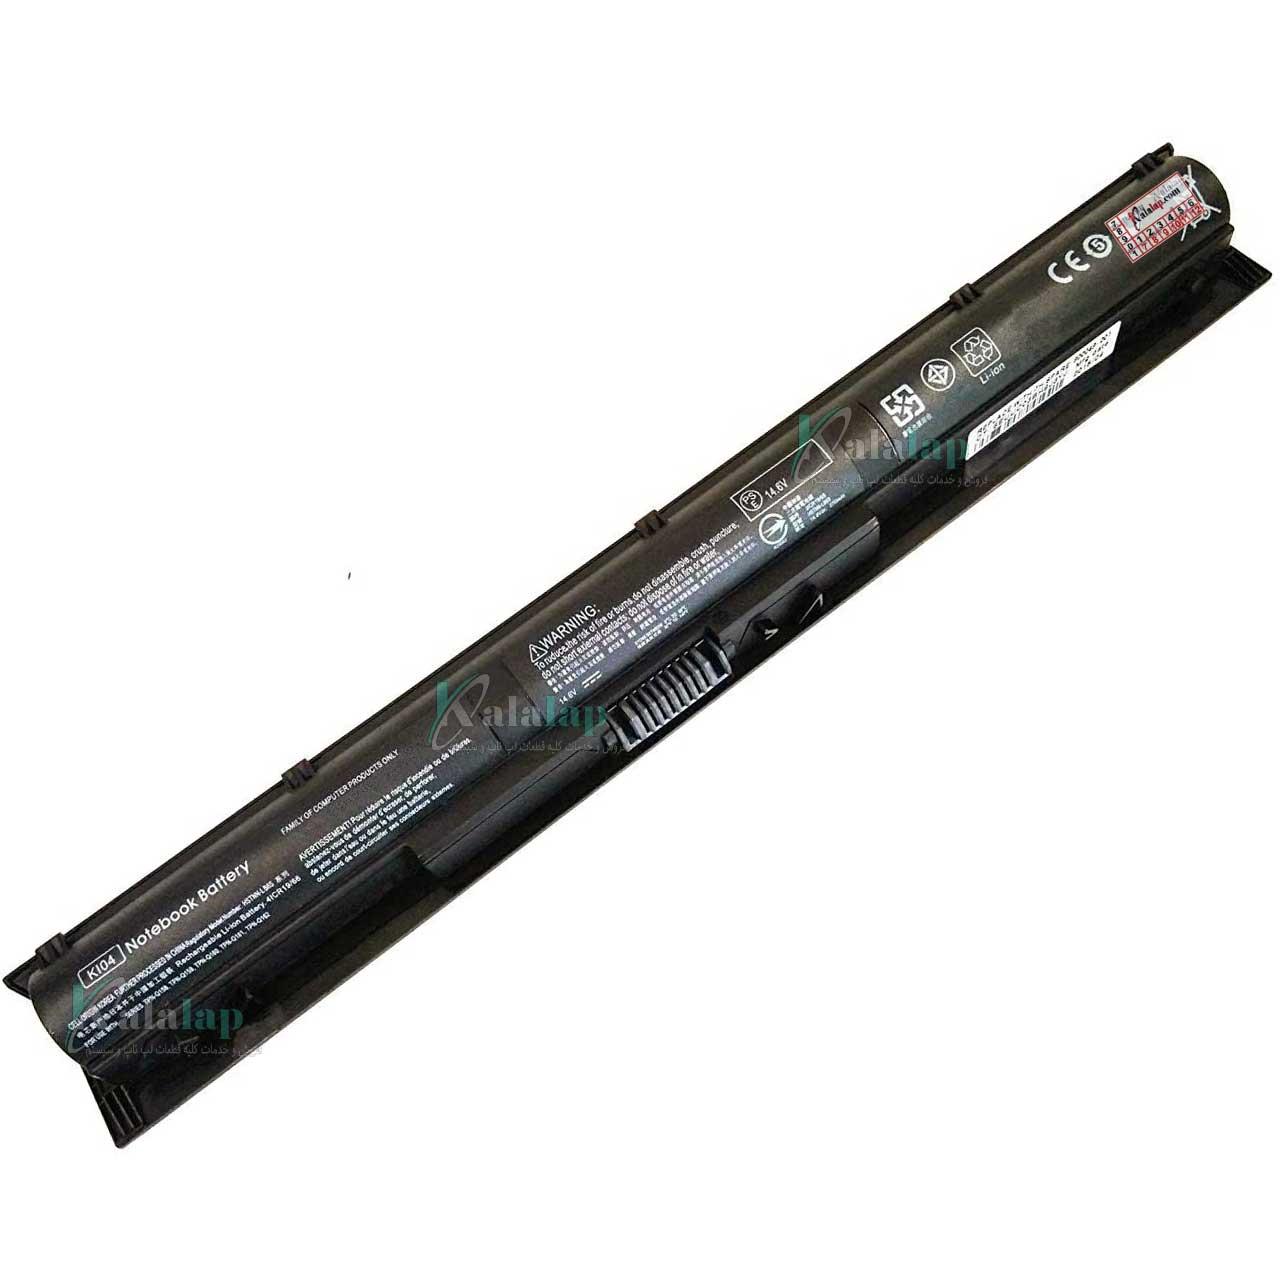 باتری لپ تاپ اچ پی Battery Laptop HP KI04